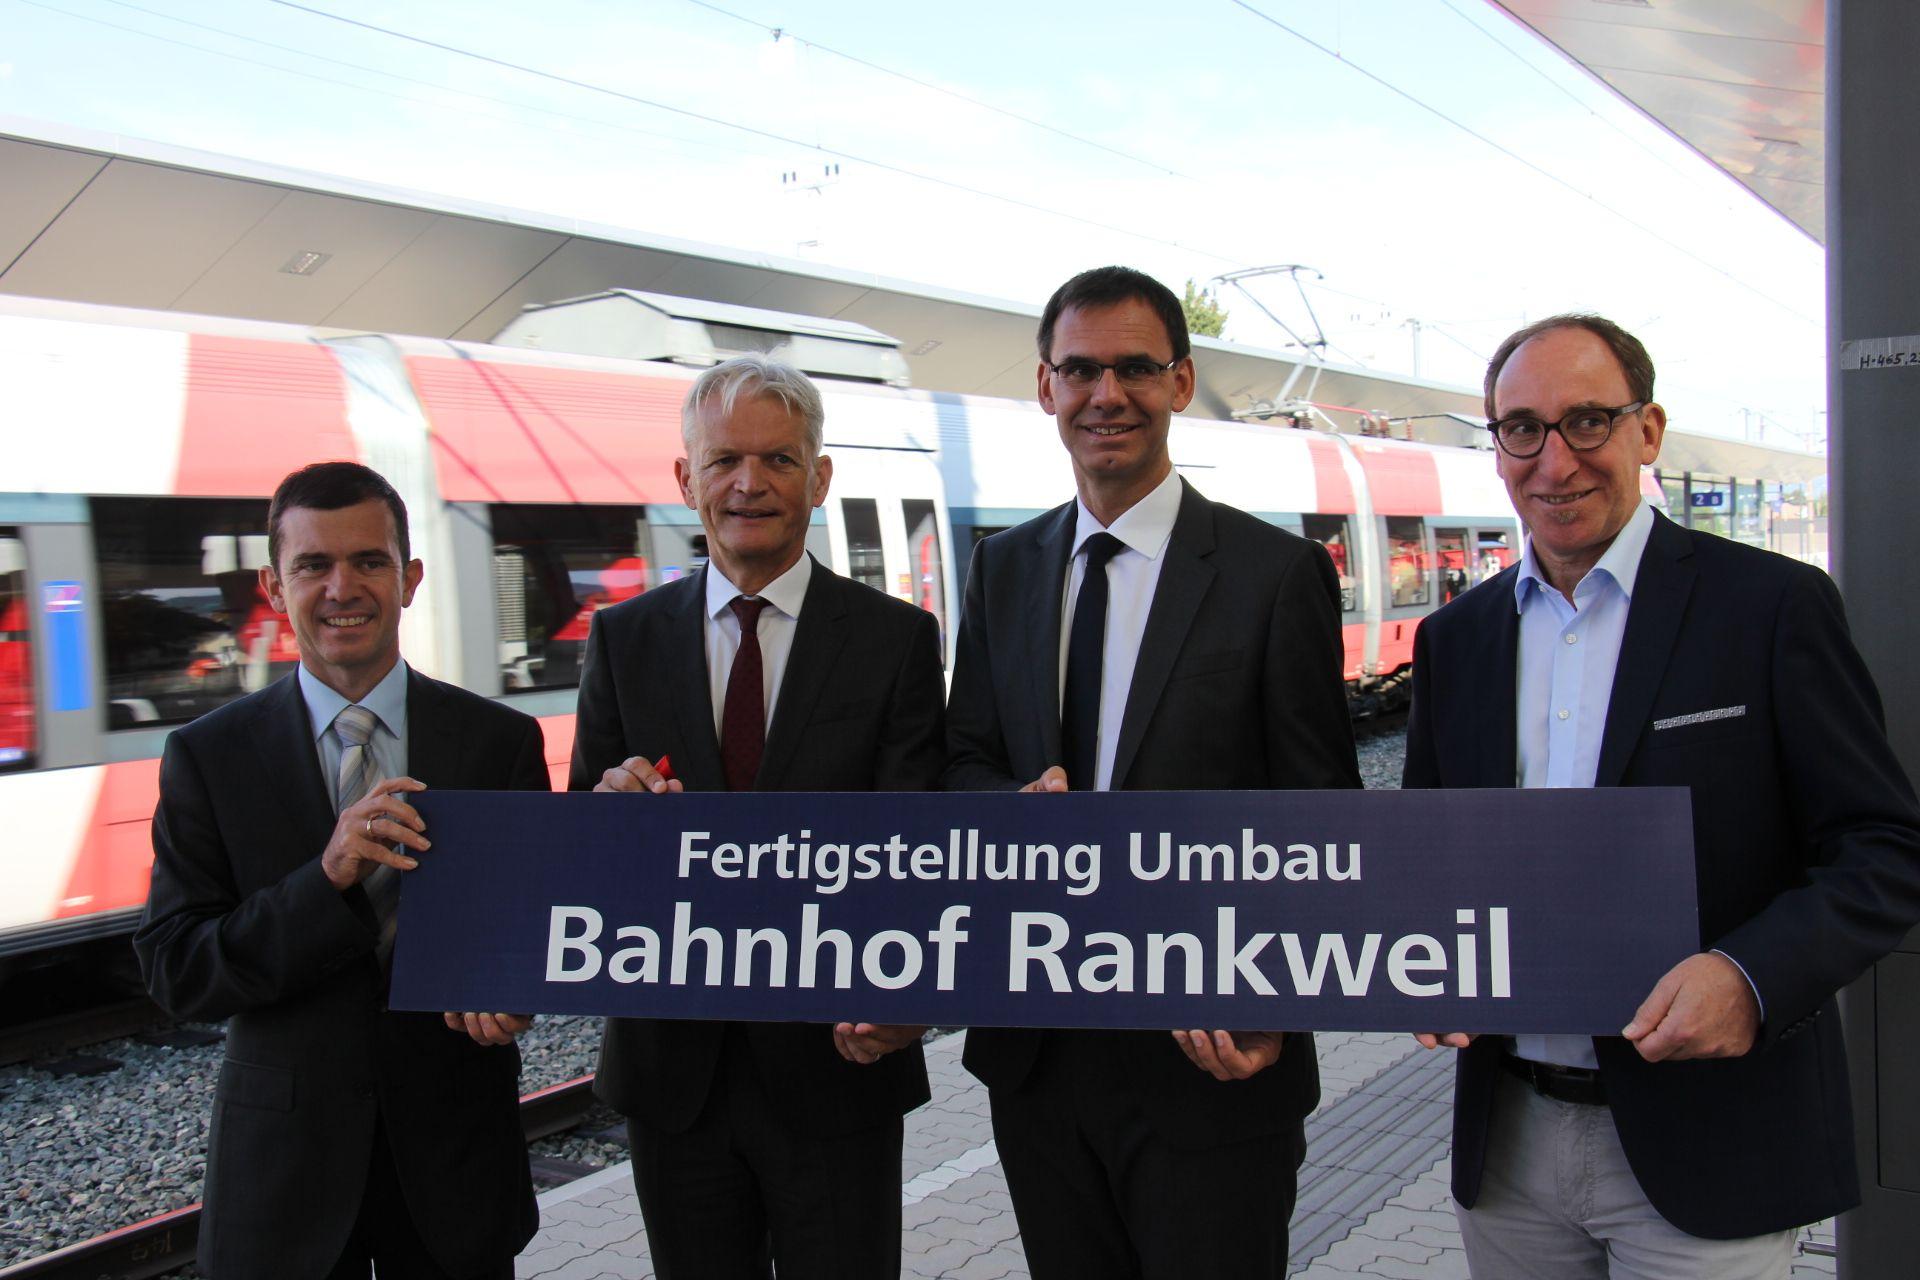 35 Mio. Euro investiert: Modernisierter Bahnhof Rankweil eröffnet